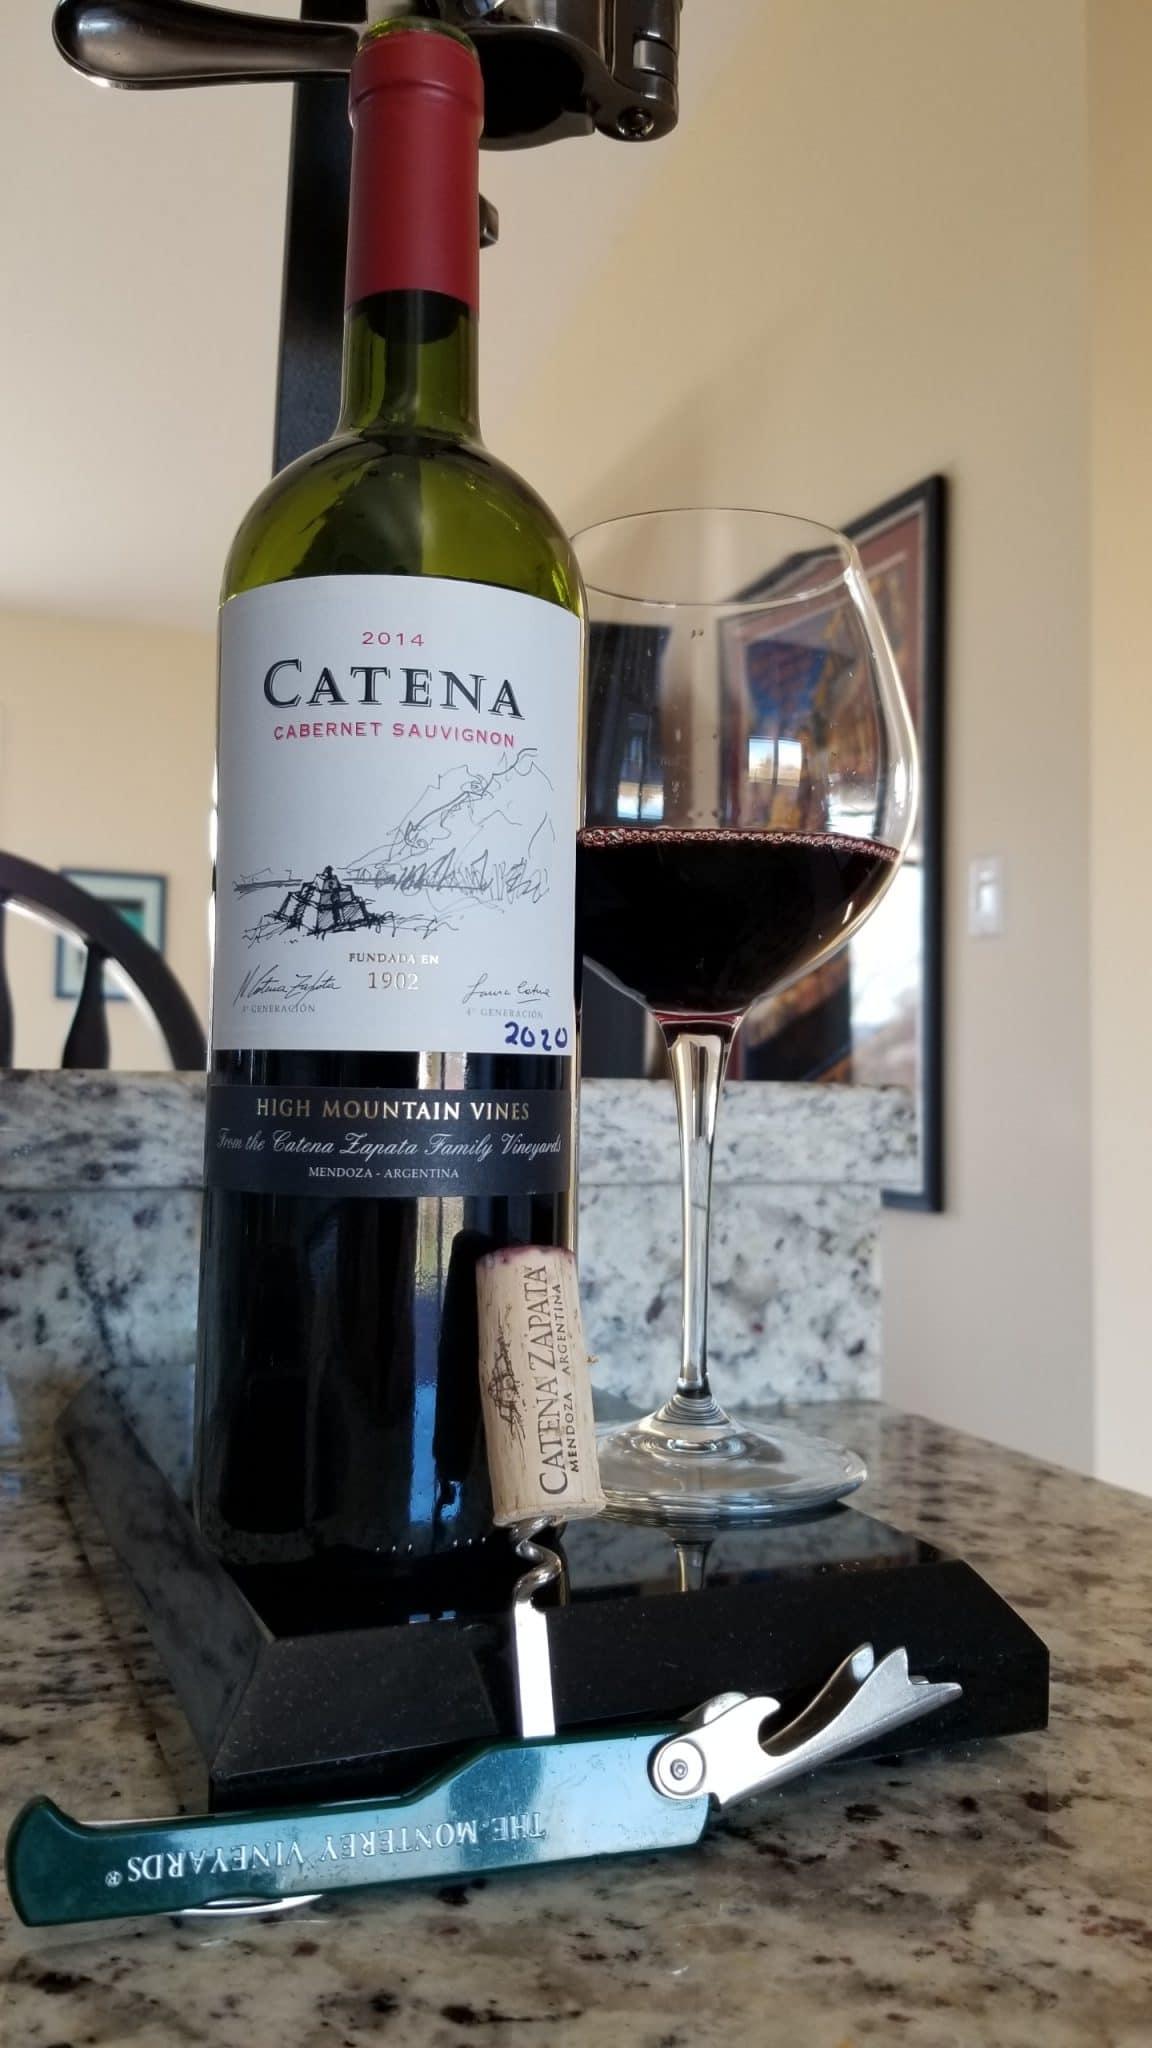 $19.95 - Catena Cabernet Sauvignon